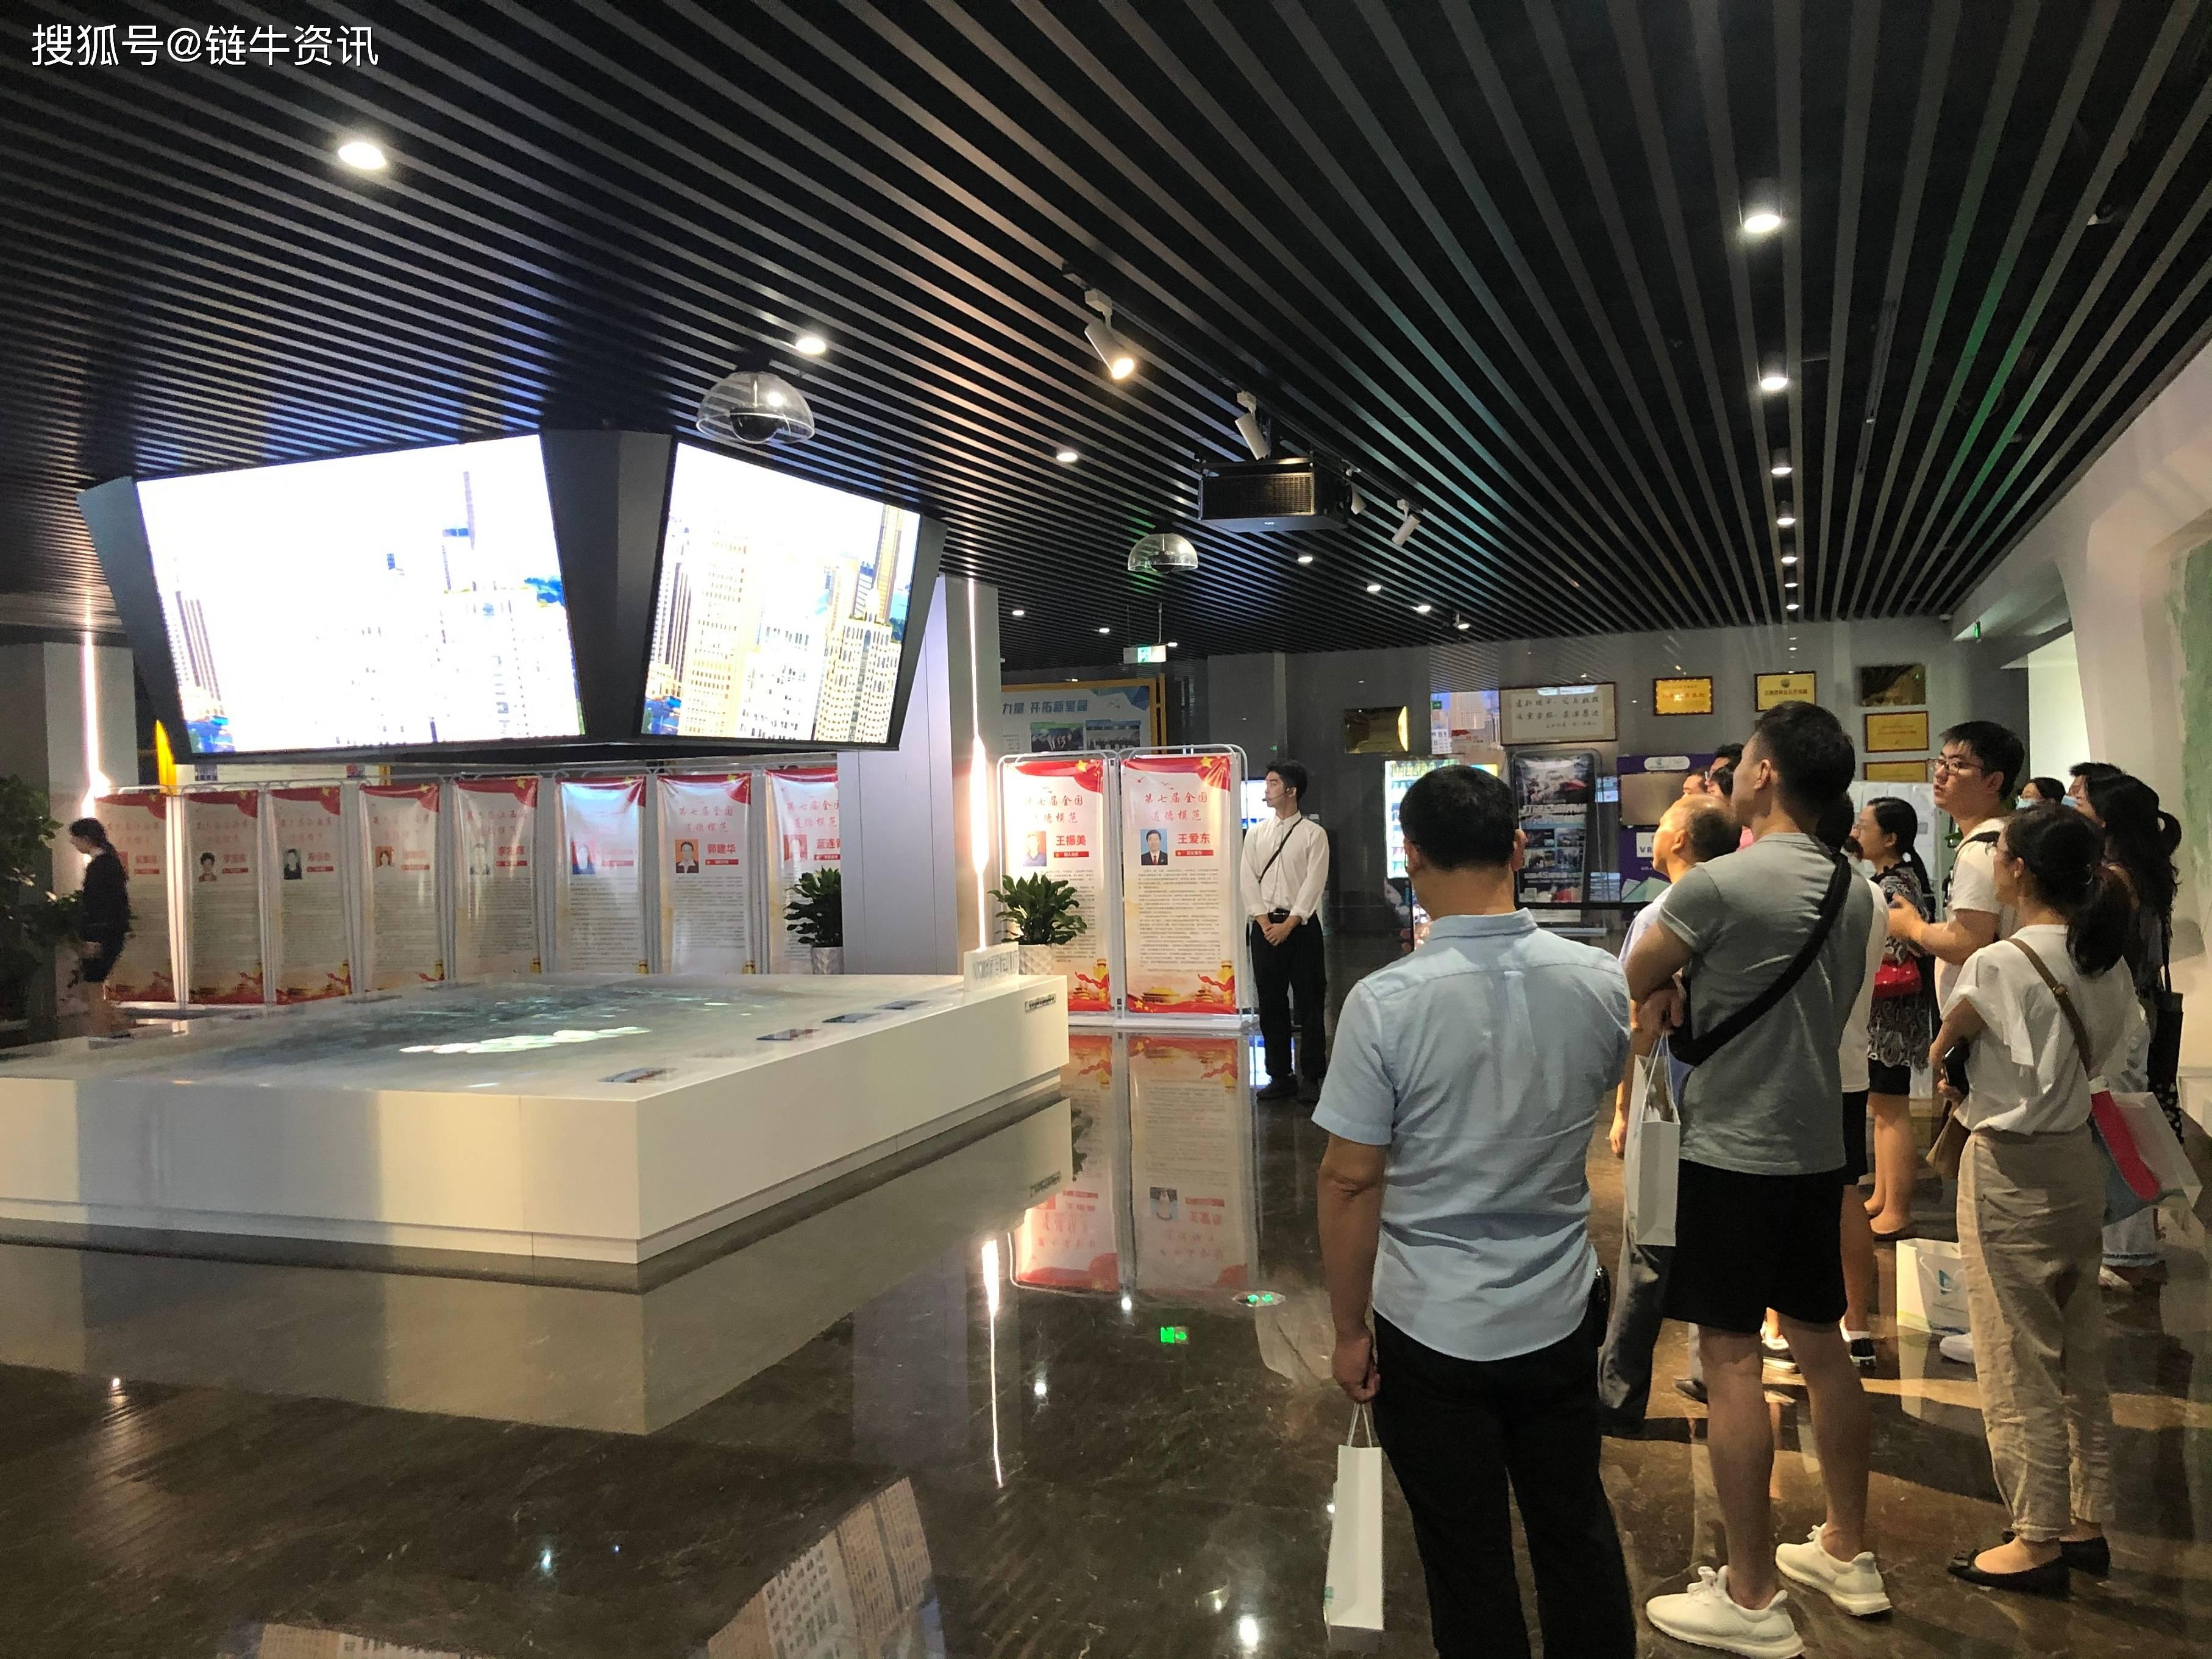 江西首届VR高校师资提升计划启动,探索新时代VR教育内涵